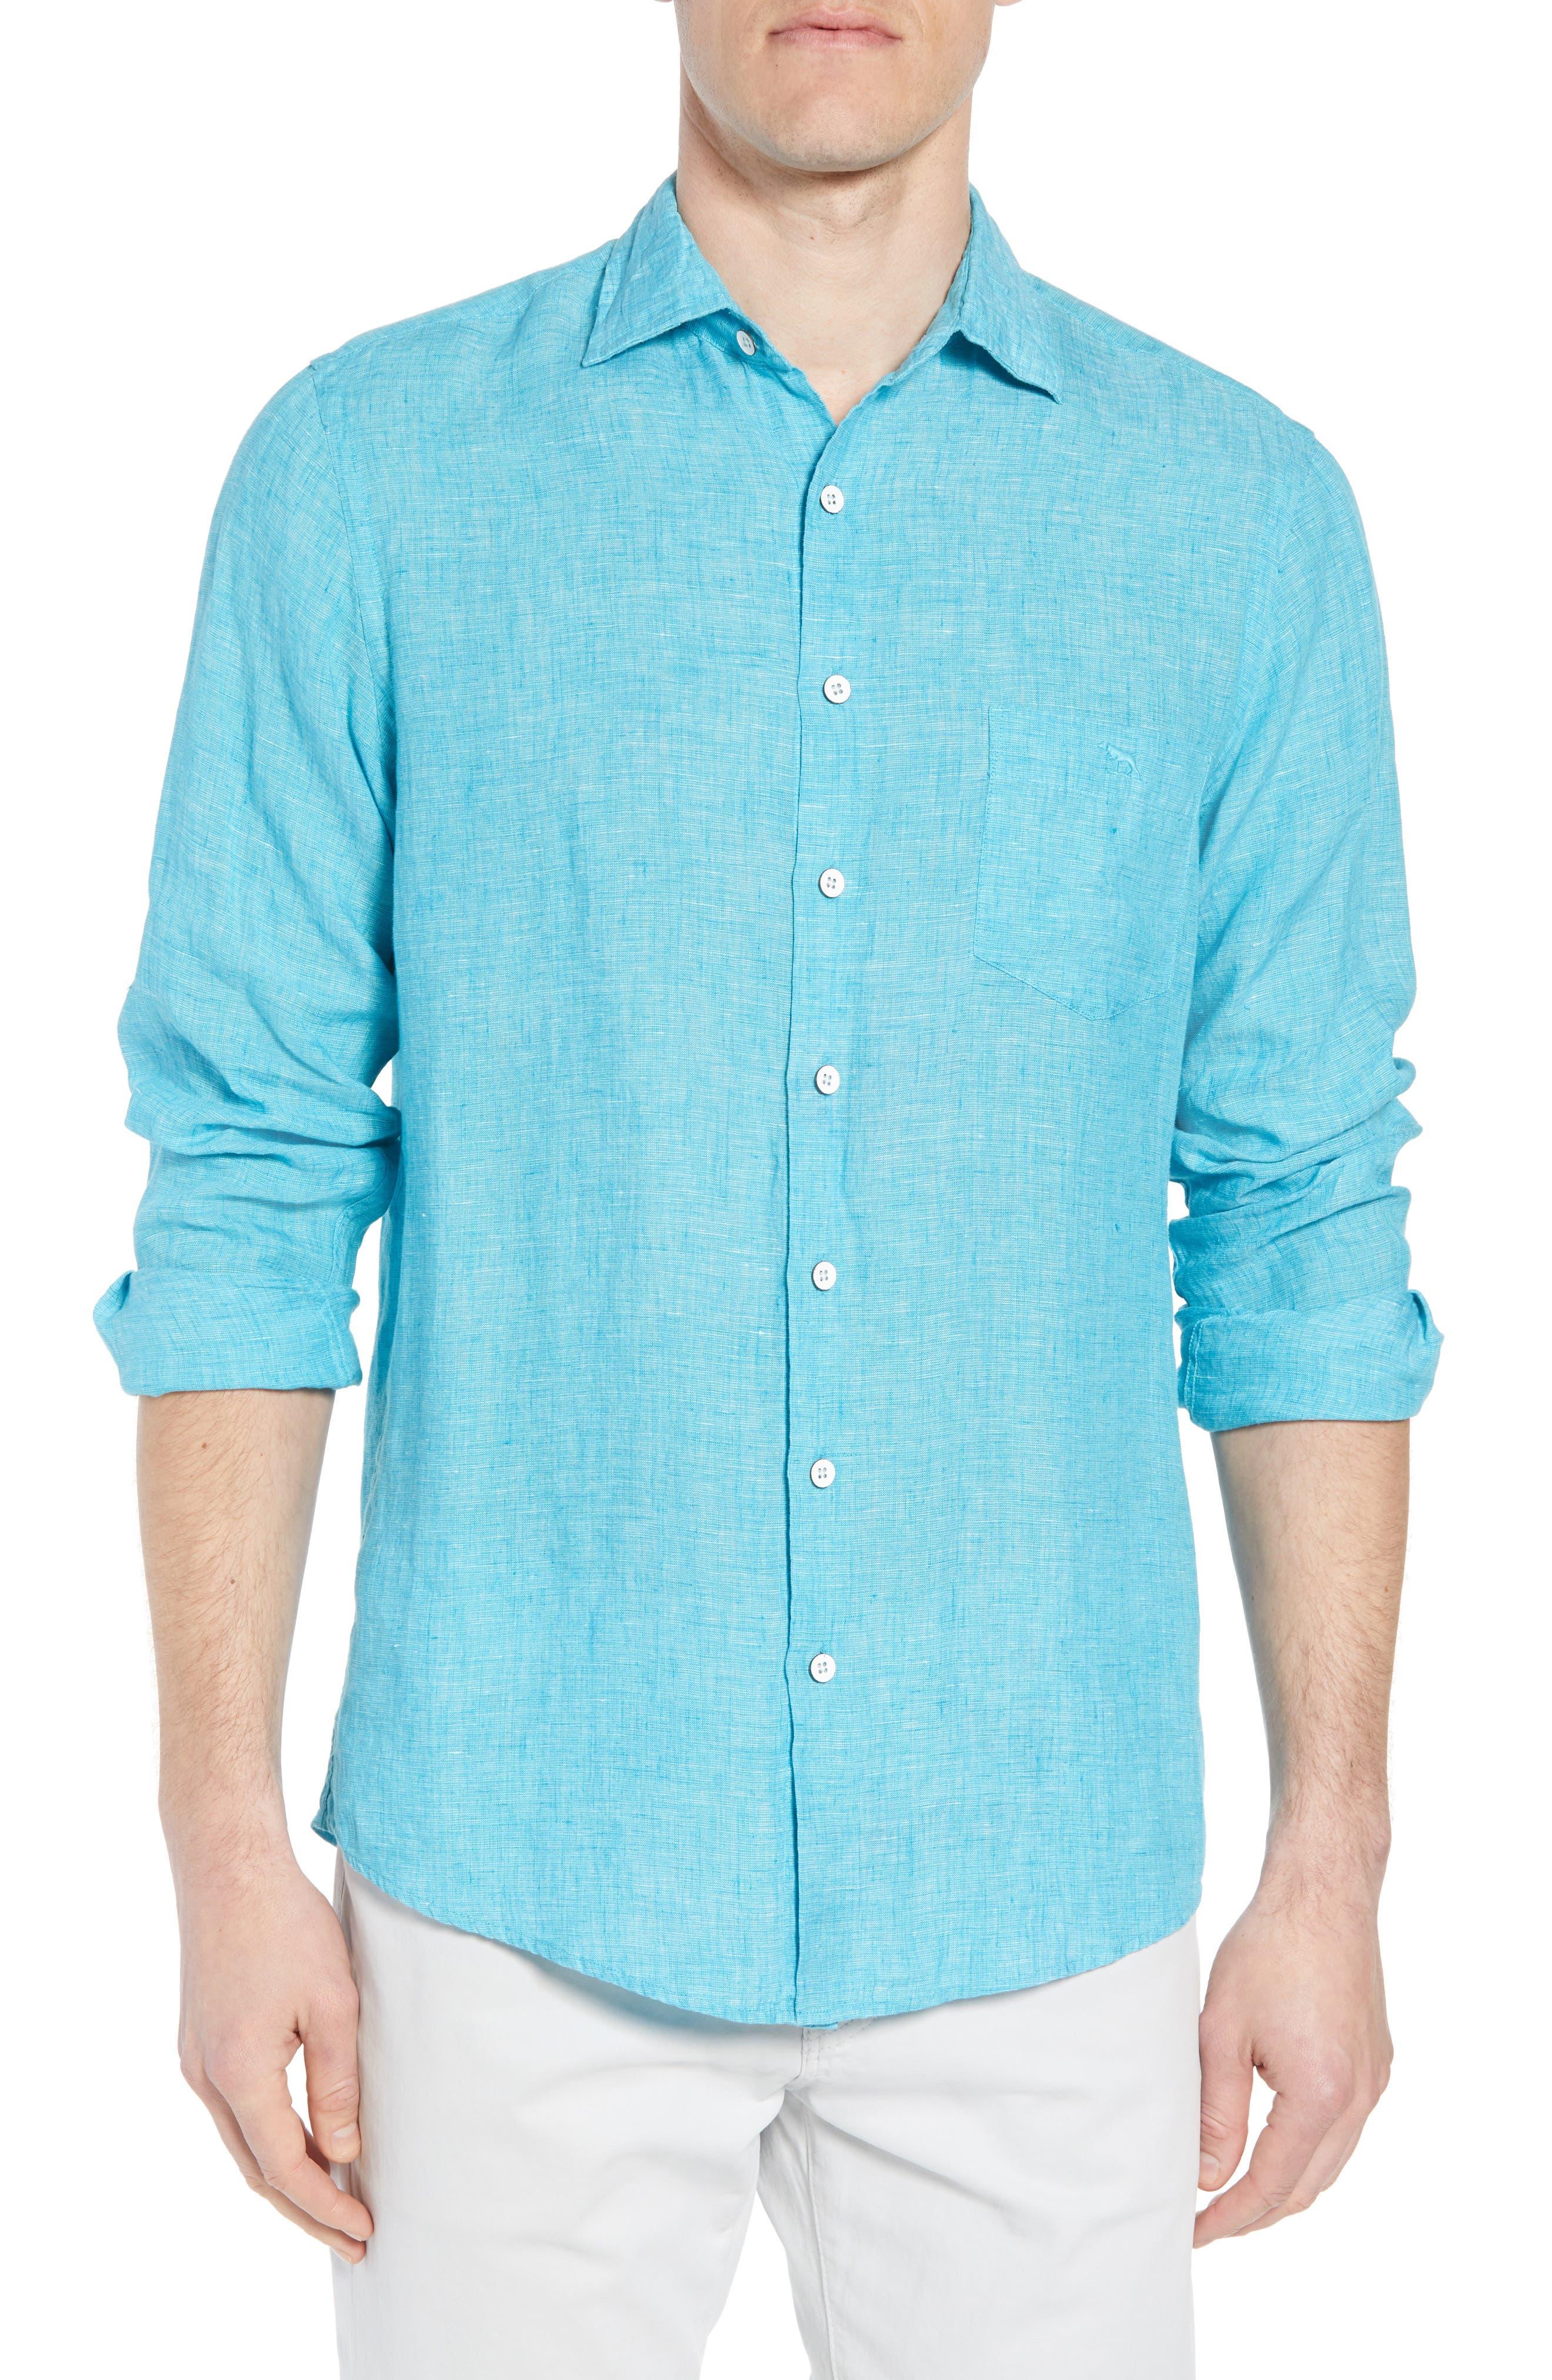 Image of RODD AND GUNN Harris Bay Regular Fit Linen Sport Shirt